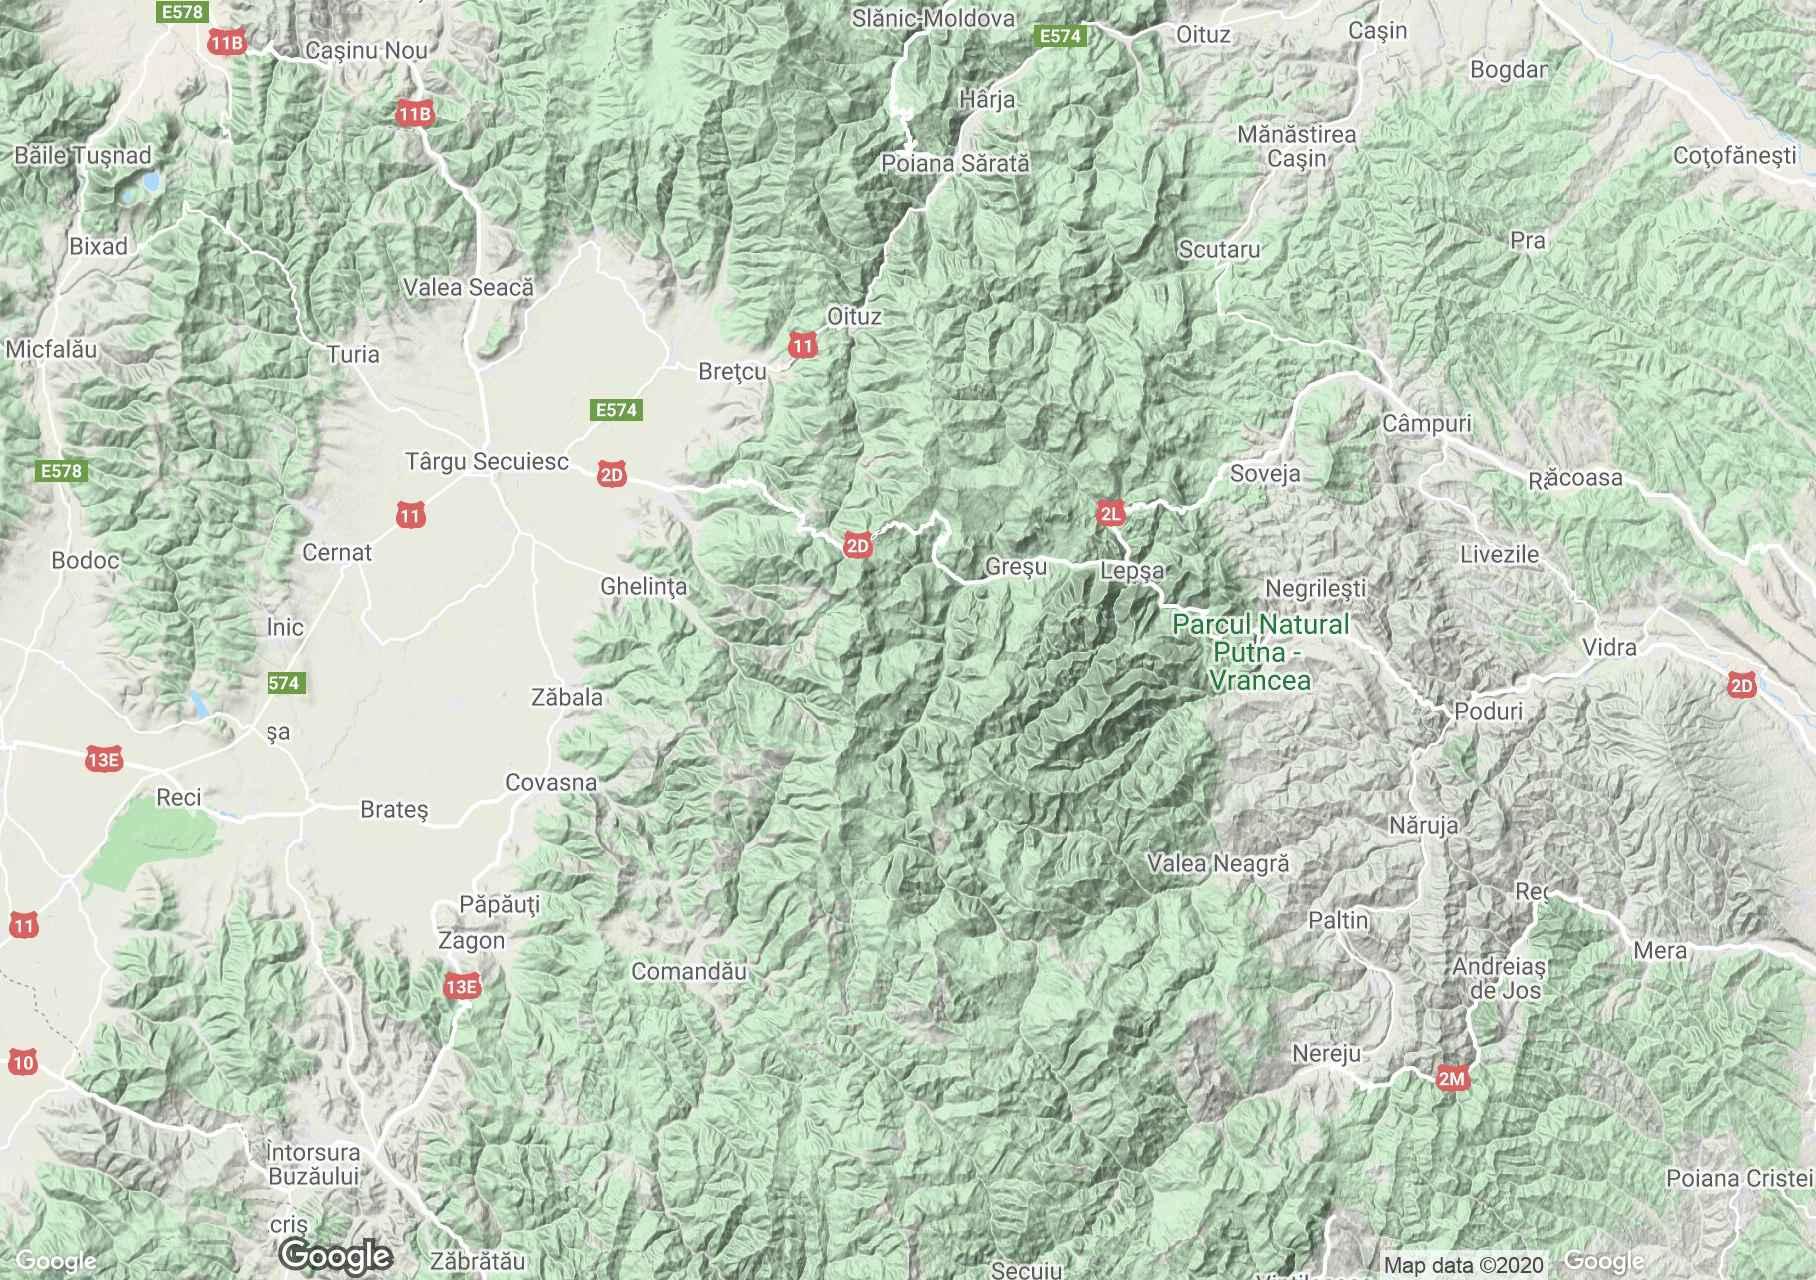 Háromszéki-havasok. interaktív turista térképe.